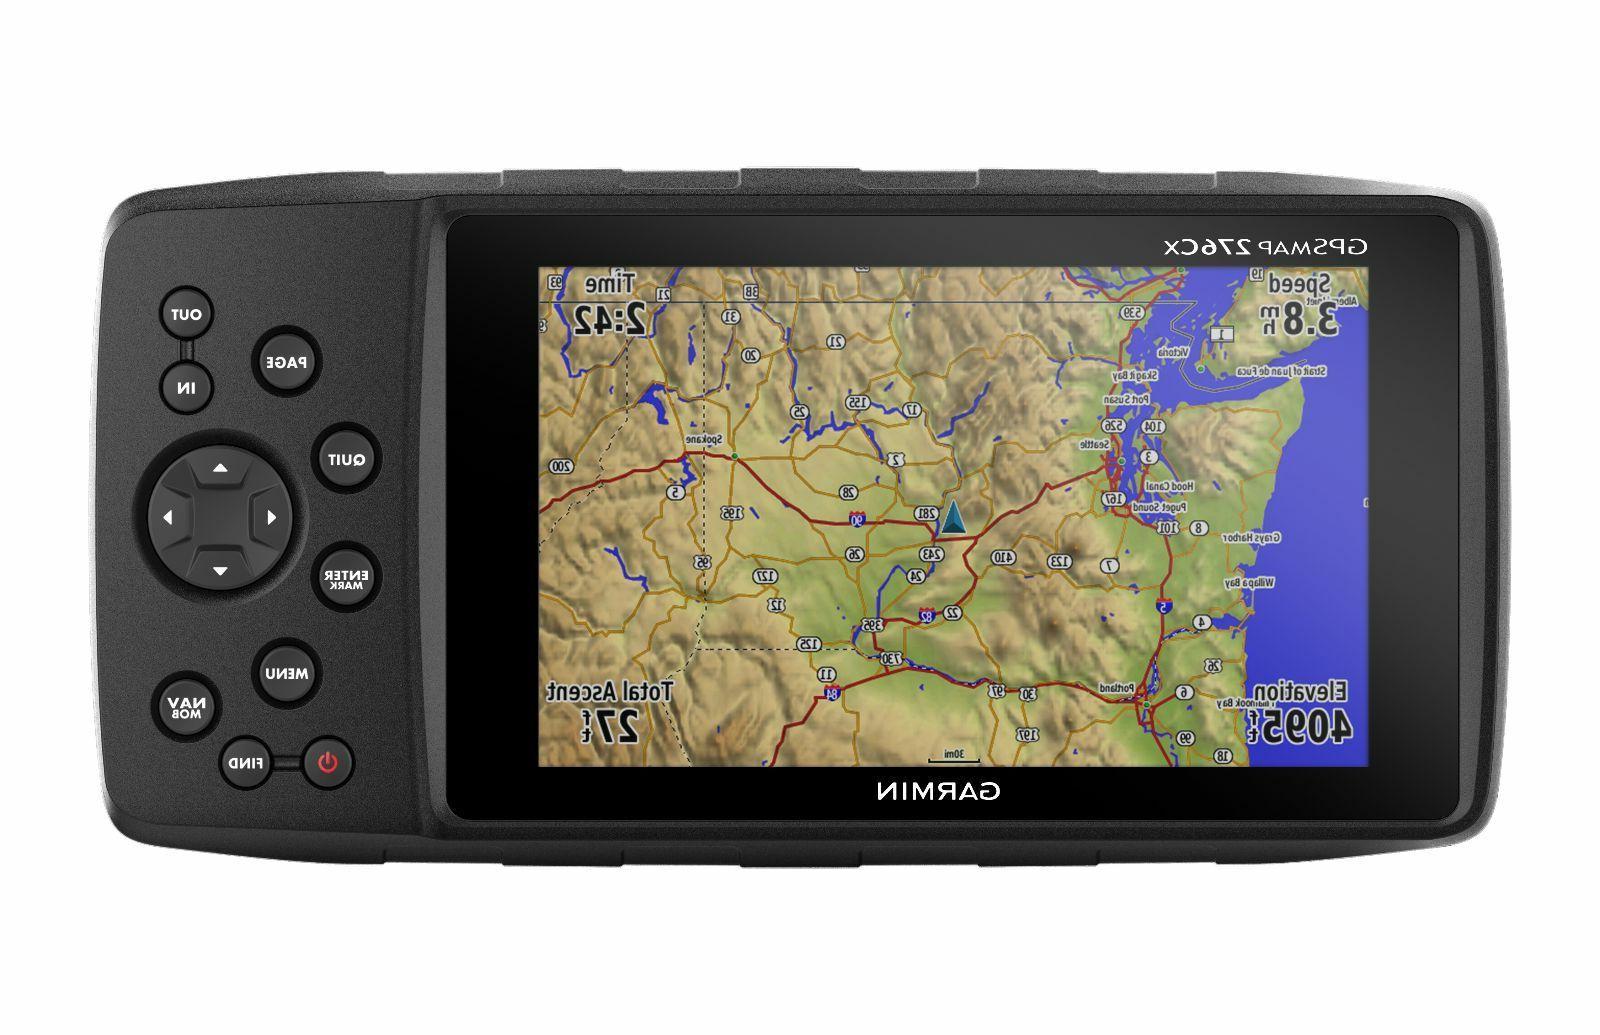 Garmin GPS Navigator Advanced 010-01607-00